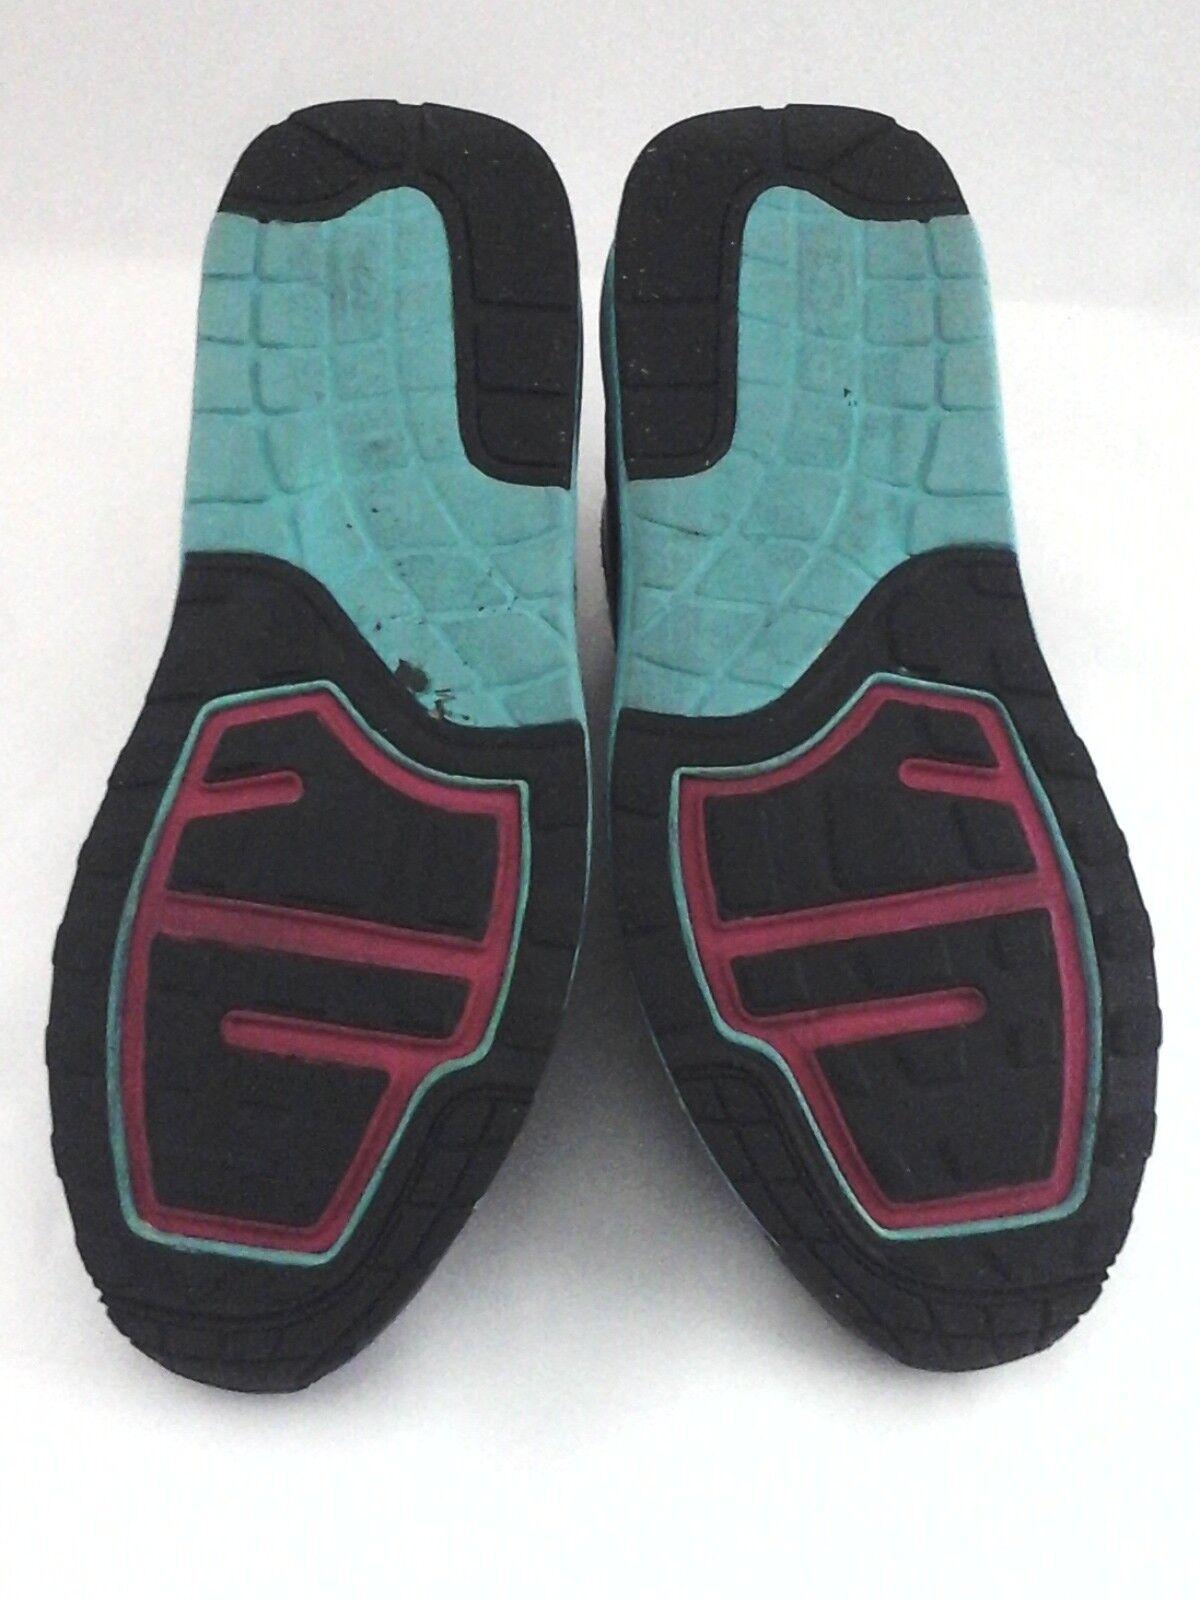 nike air max schuhe hyper lunar1 lunarlon cedar / hyper schuhe - sneakers männer uns 12 / 46 140 c733f0